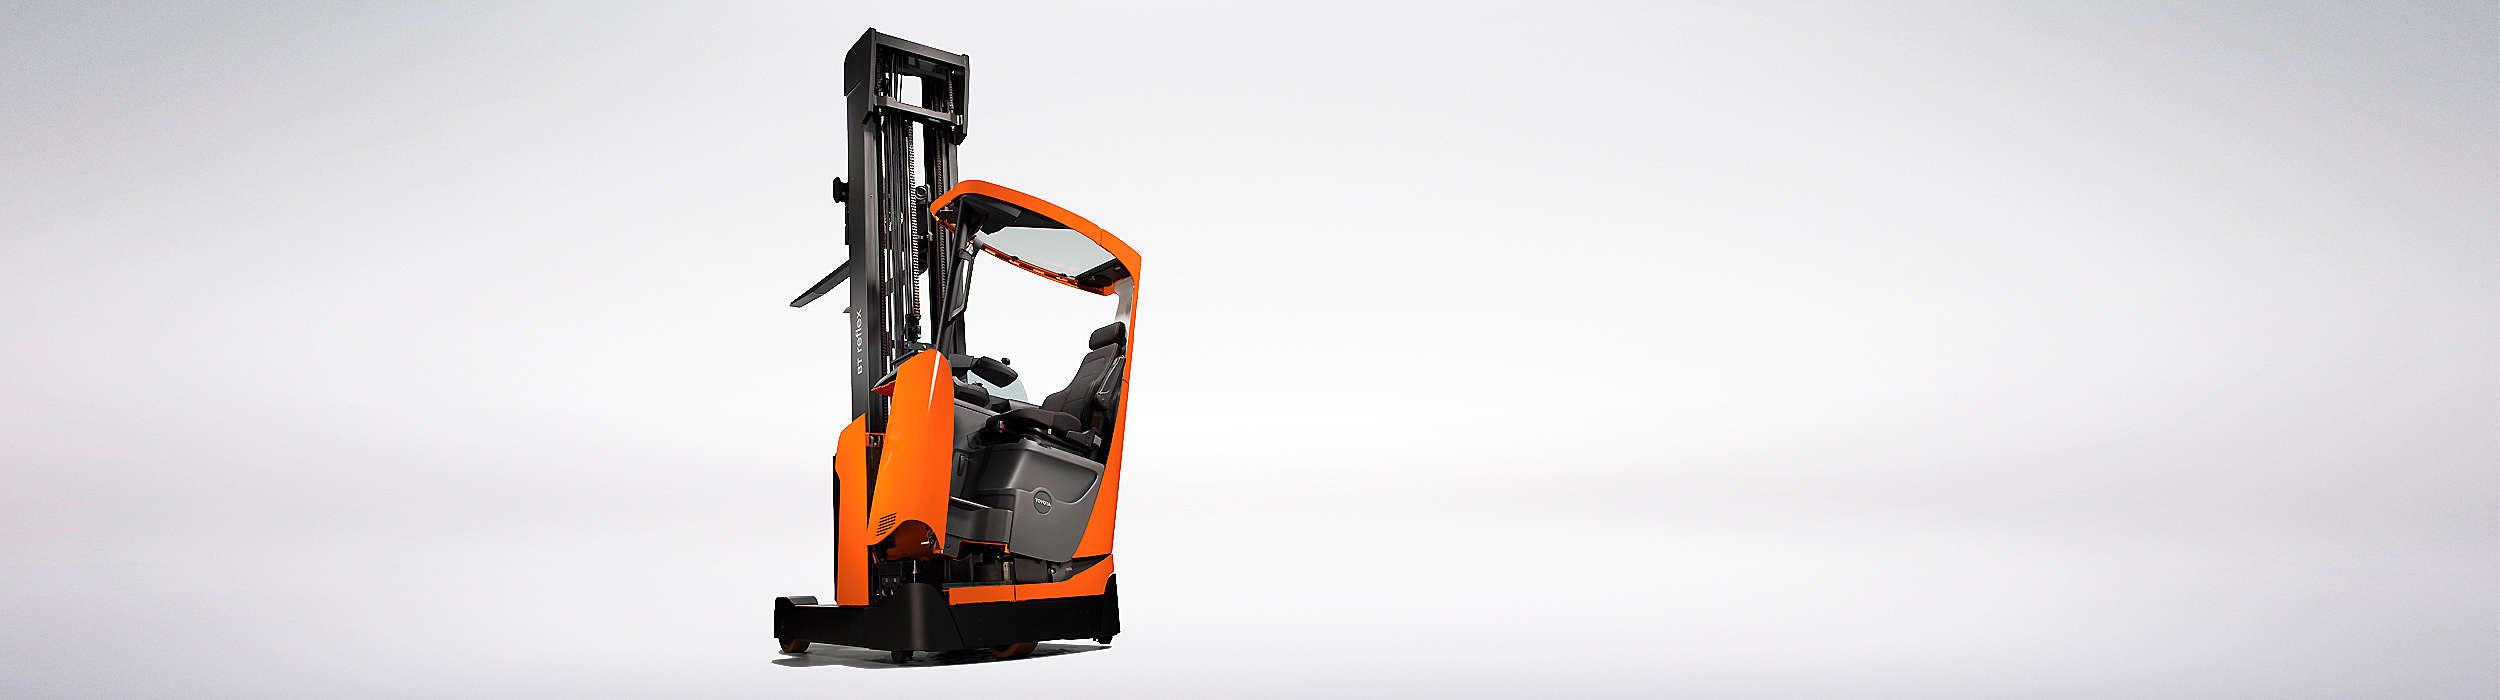 BT Reflex E-serien med unik tiltkabine, der giver ultimativ førerkomfort.